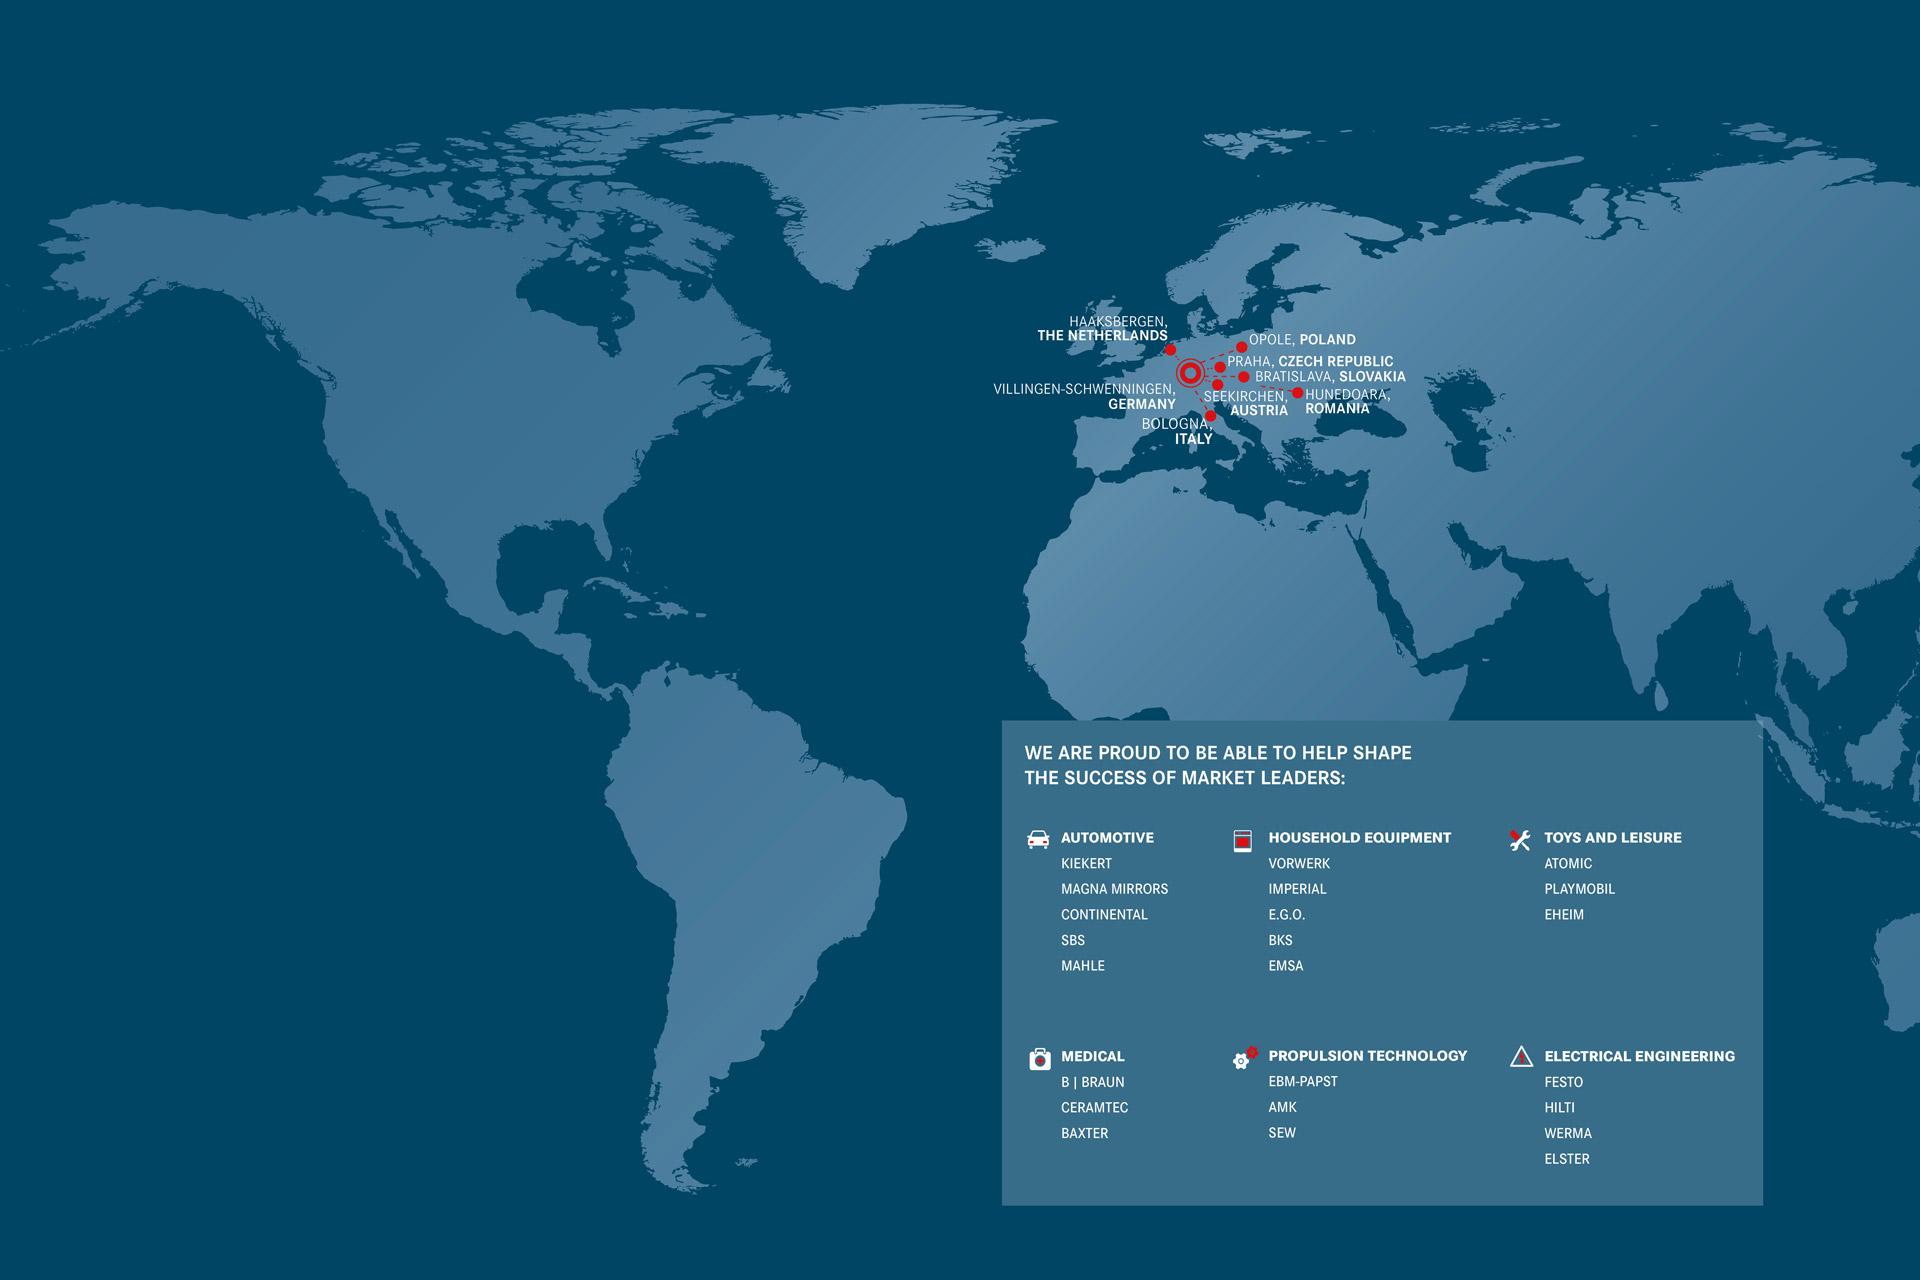 STEIN around the world